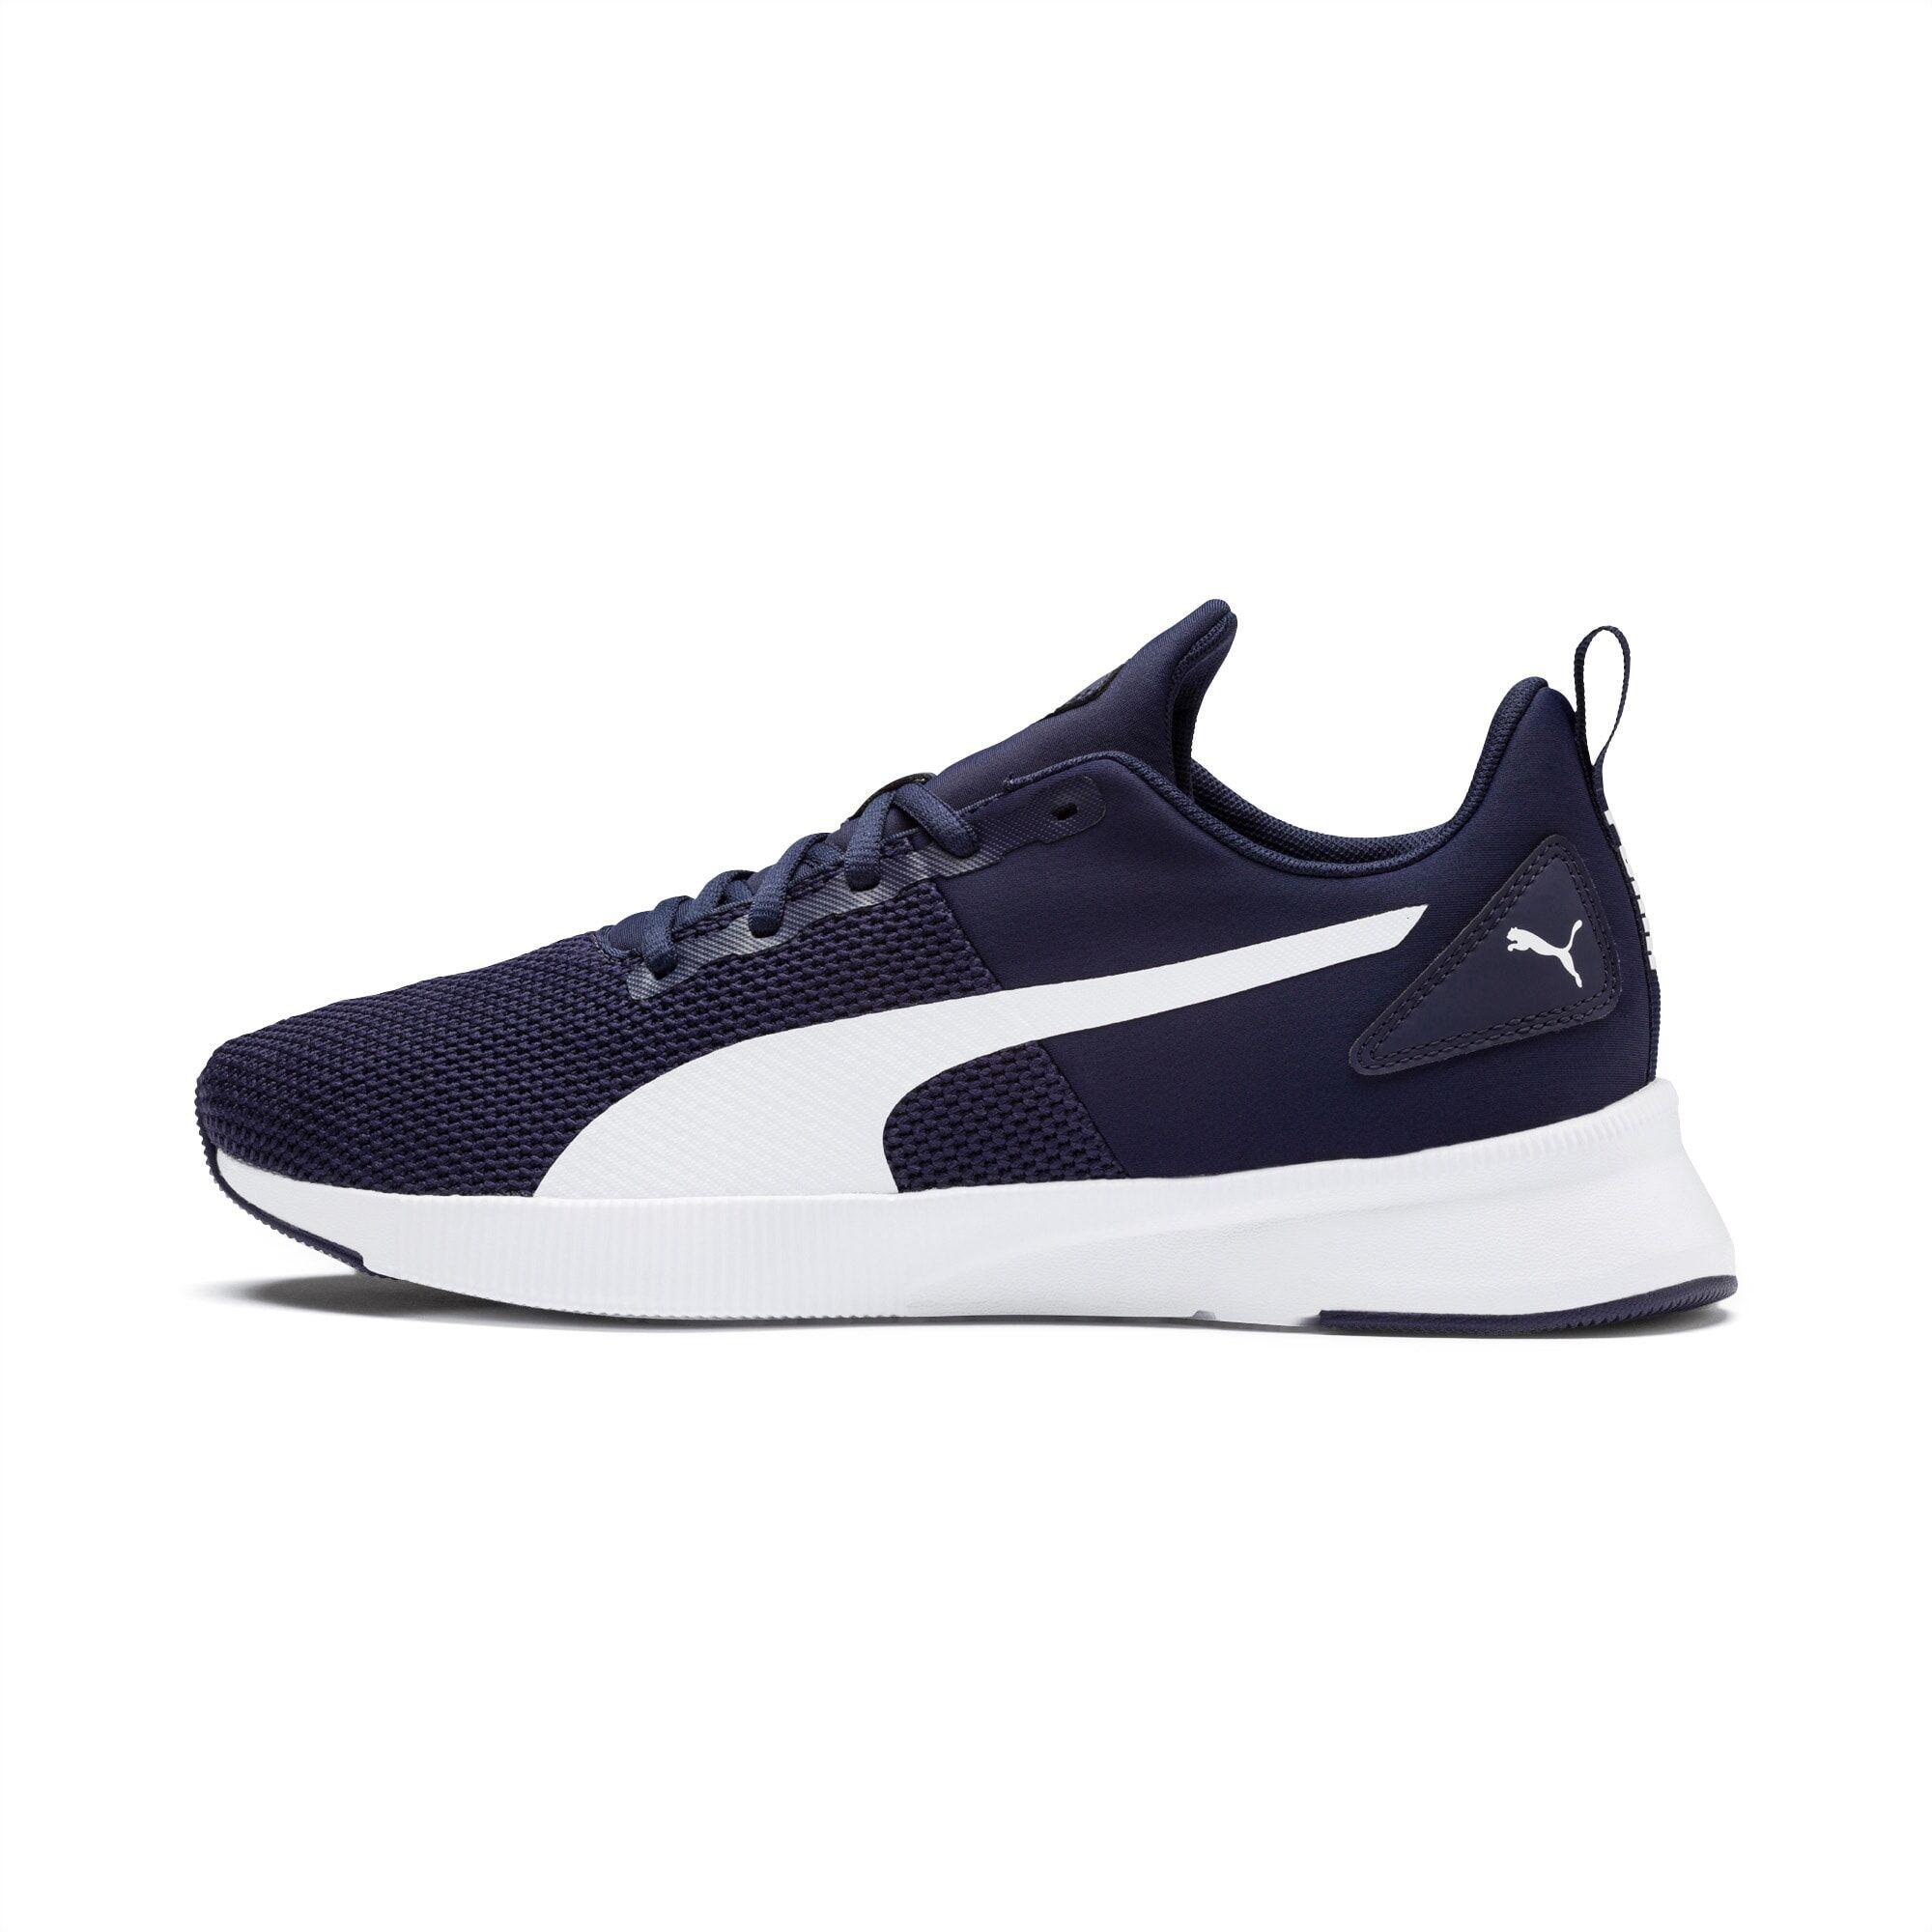 PUMA Chaussure de course Flyer Runner, Bleu/Blanc, Taille 46, Chaussures